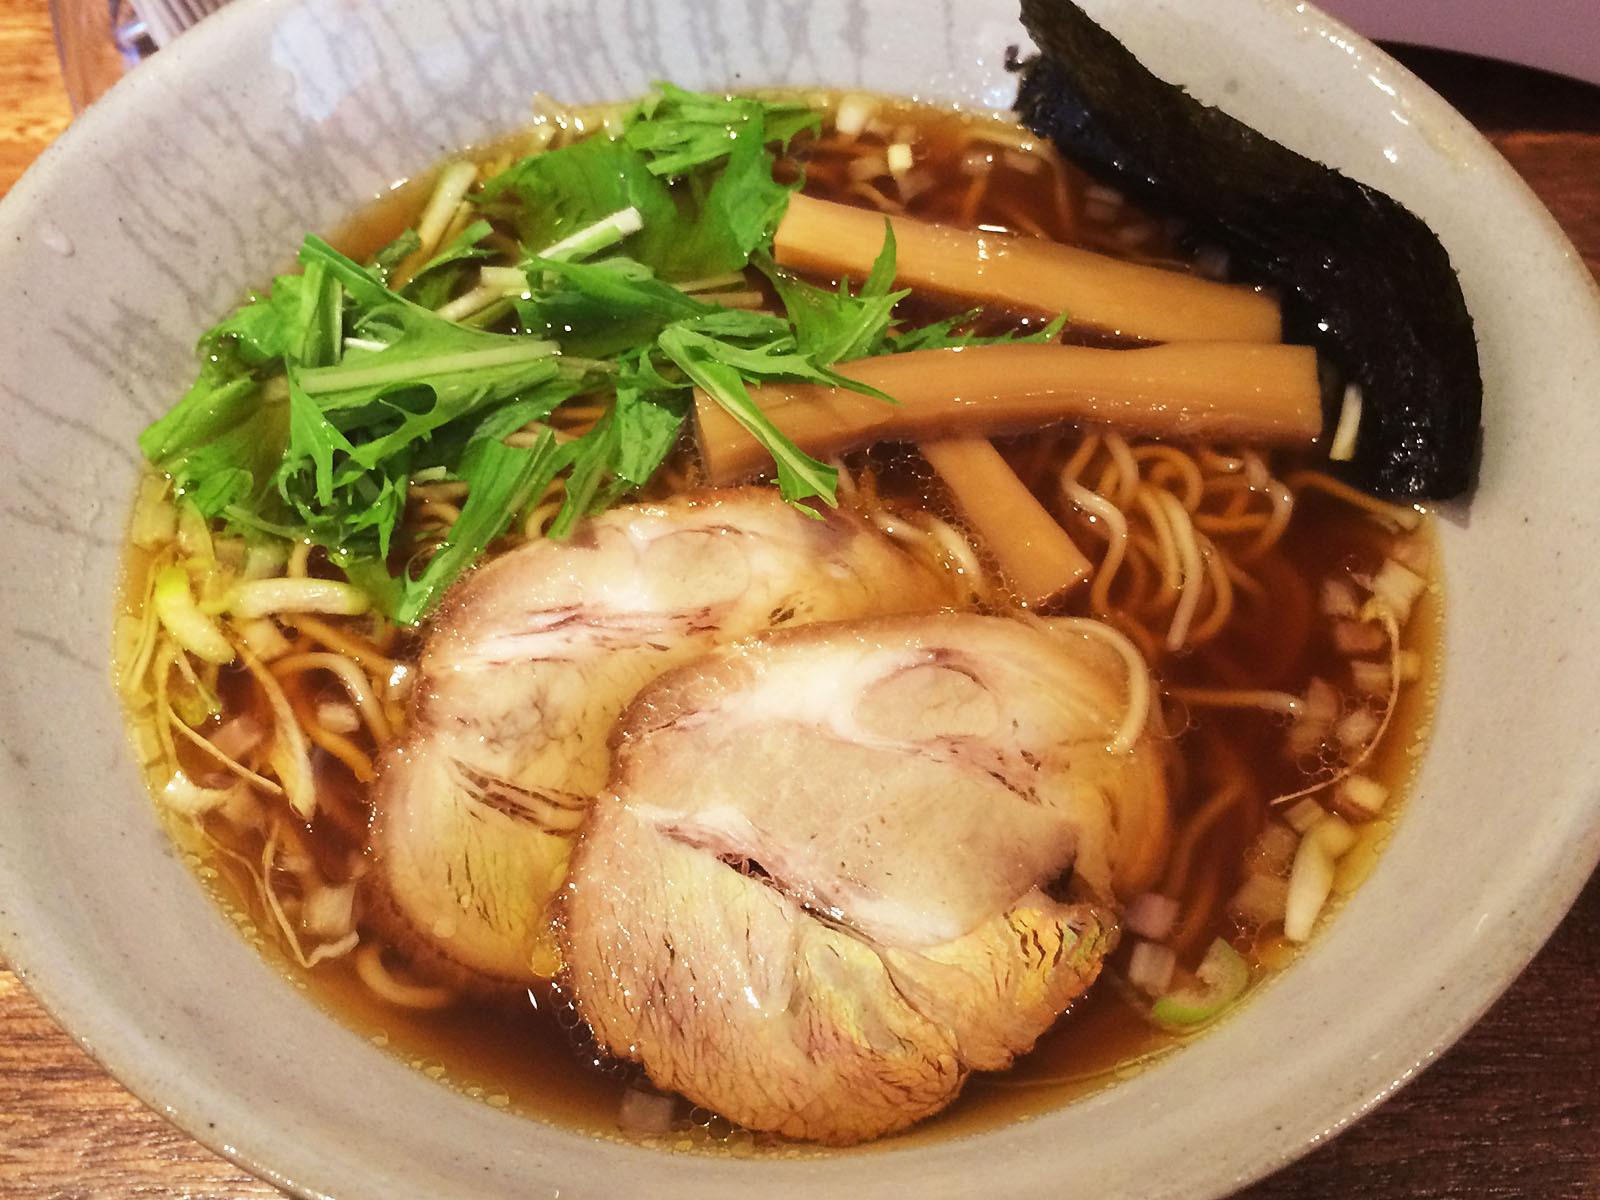 沖縄料理じゃなくて… 沖縄で食べたいベスト〇〇  沖縄に来たら沖縄料理! ですが、二度目三度目と